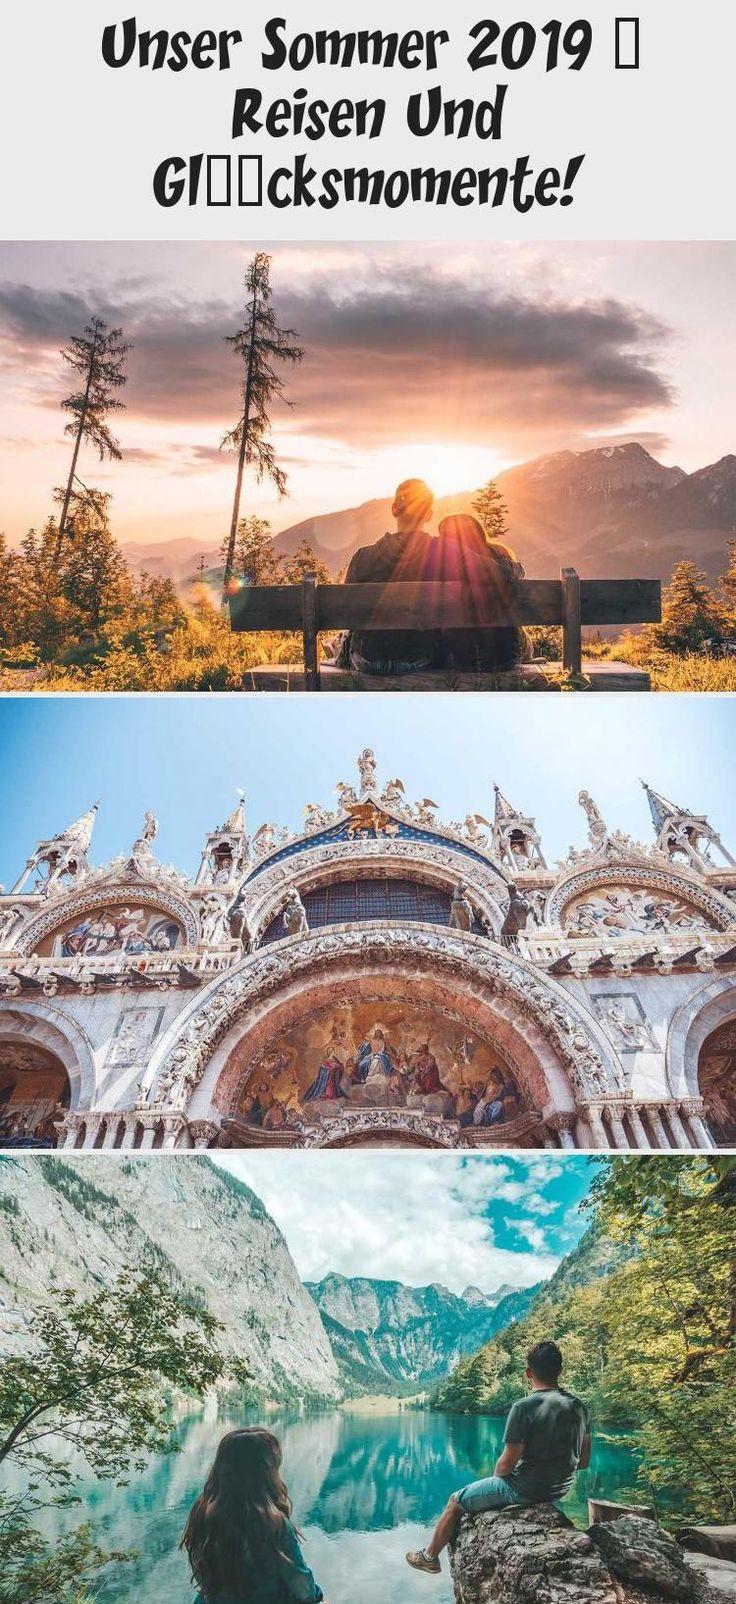 Reisesommer 2019: Unsere schönsten Reiseziele, besten